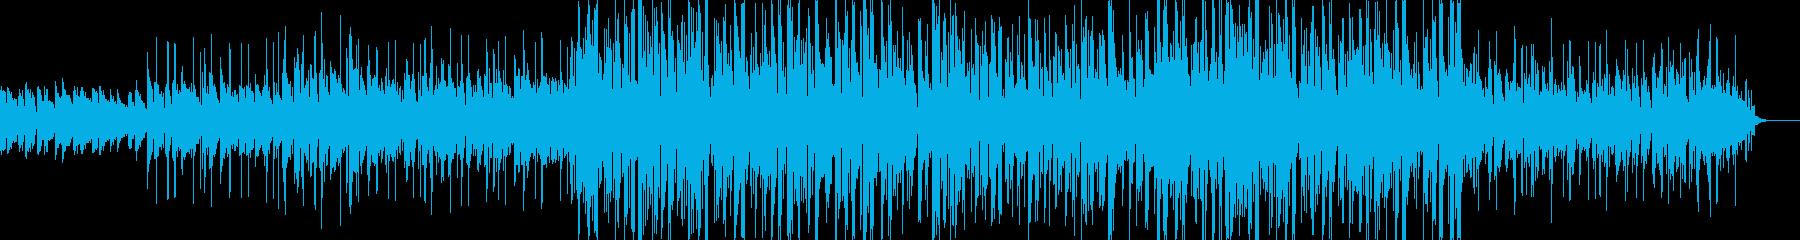 カフェのようなオシャレな曲(アコギ)の再生済みの波形